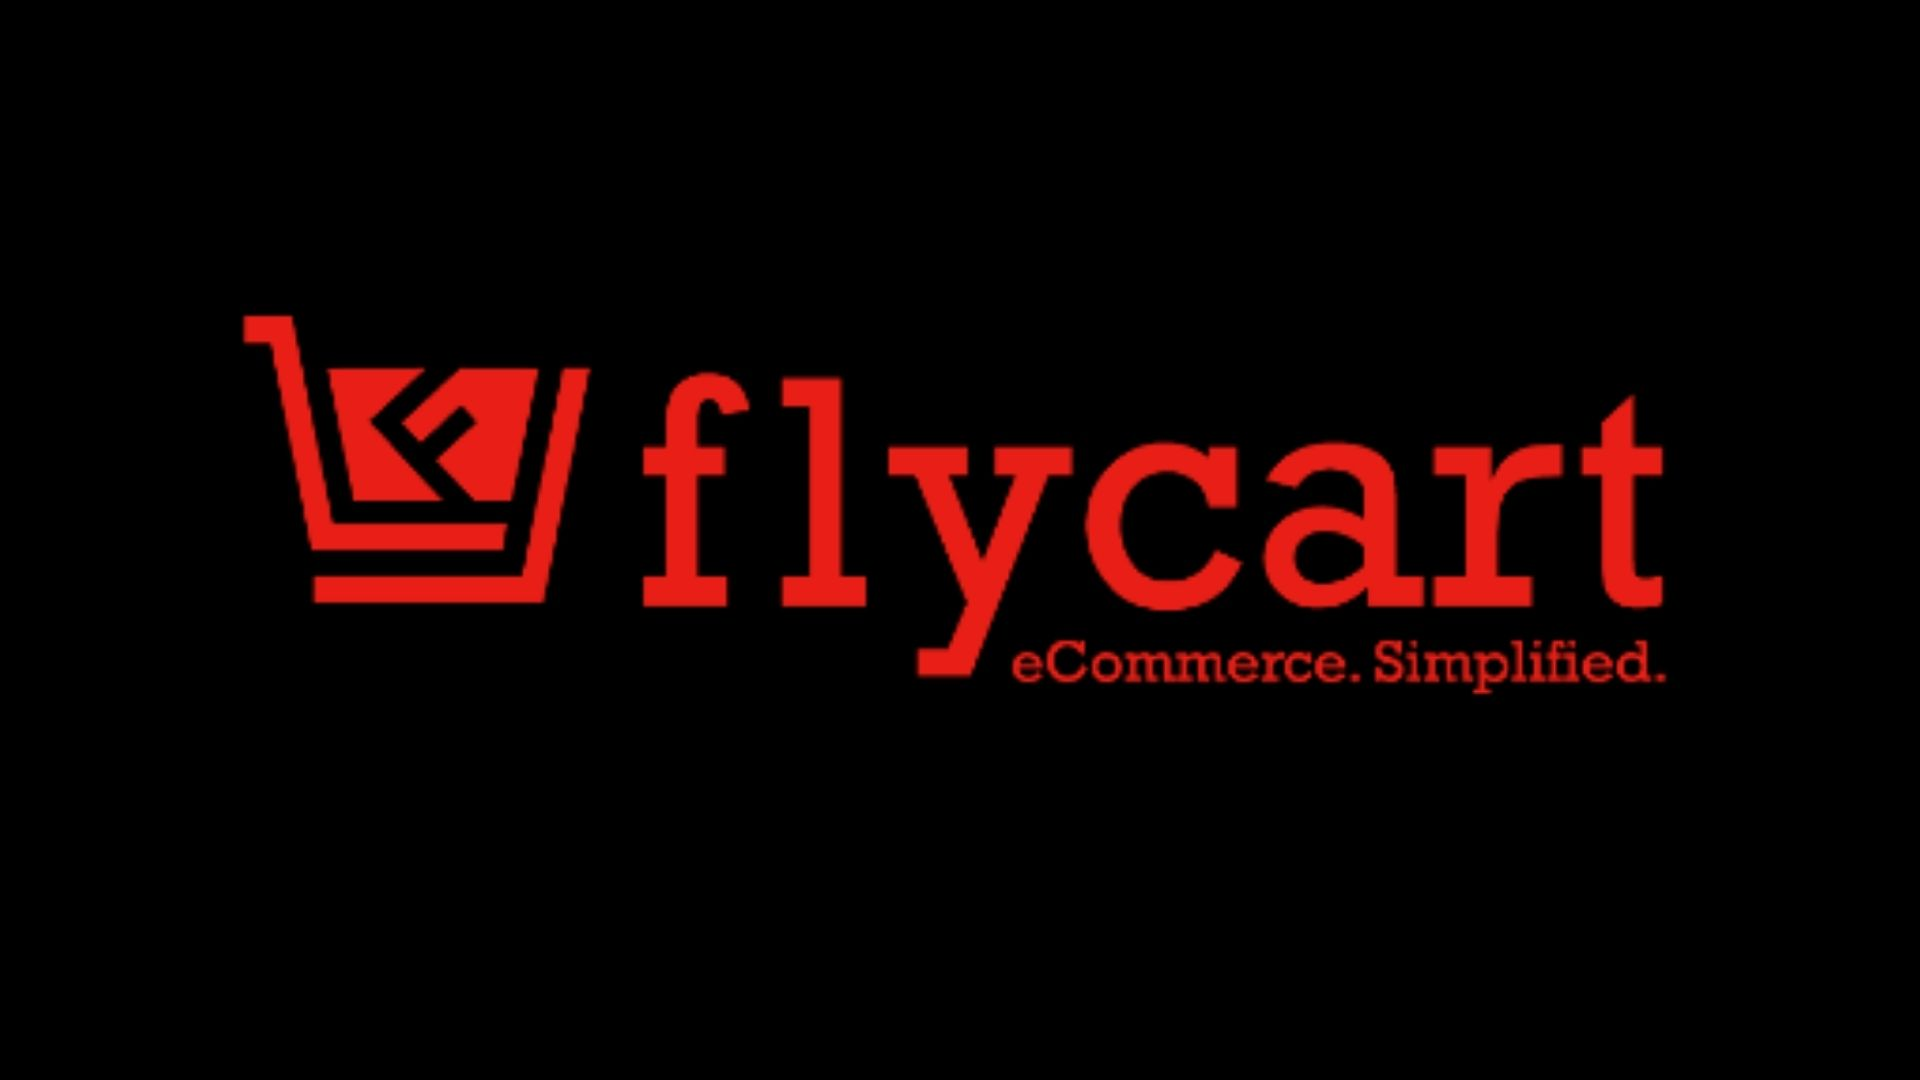 FlyCart